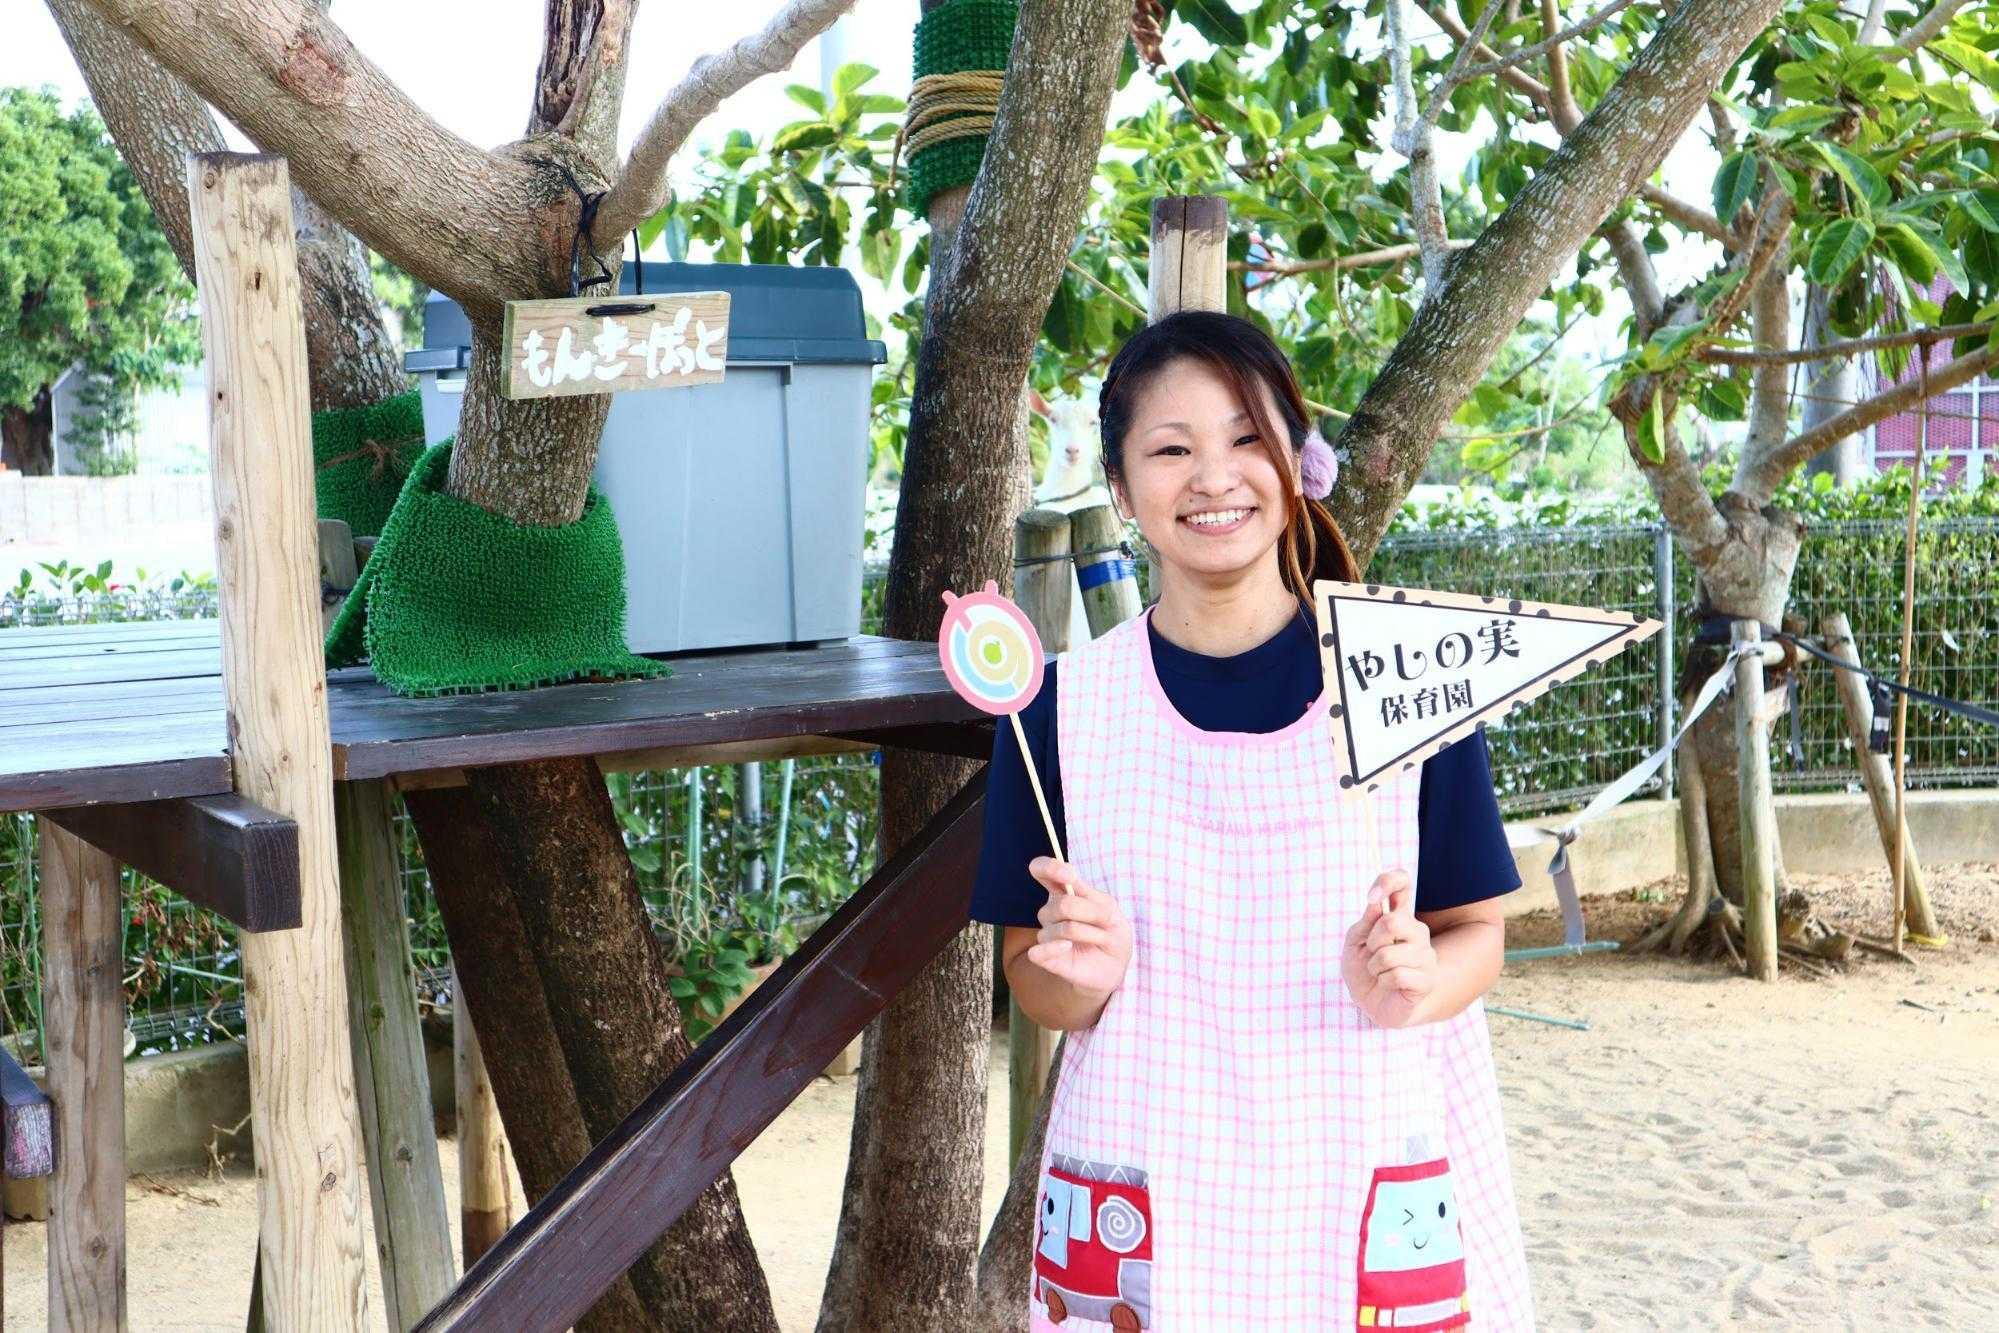 石垣島に移住した保育士に聞く、離島での働き方と暮らしのリアルな話 ...